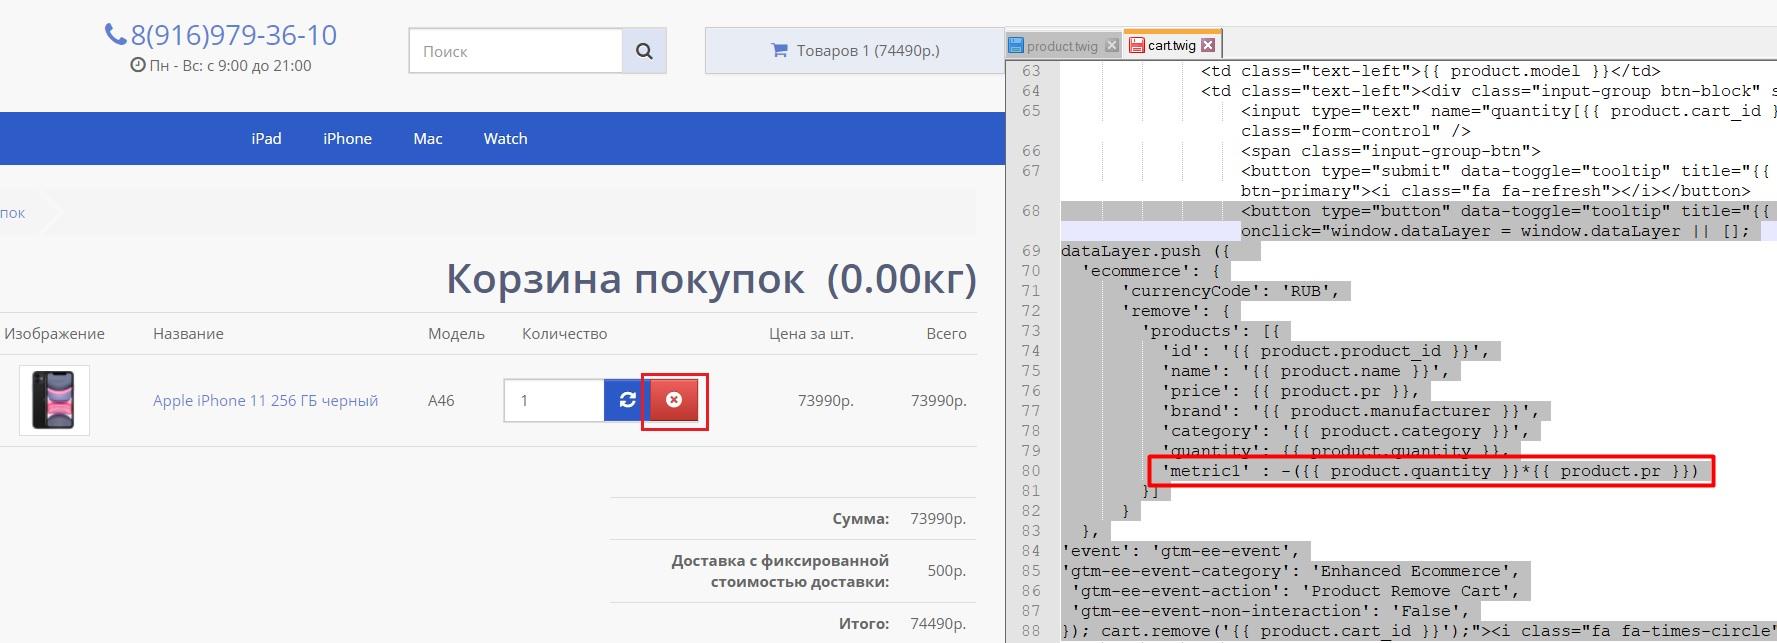 Расчет стоимости корзины в Google Analytics